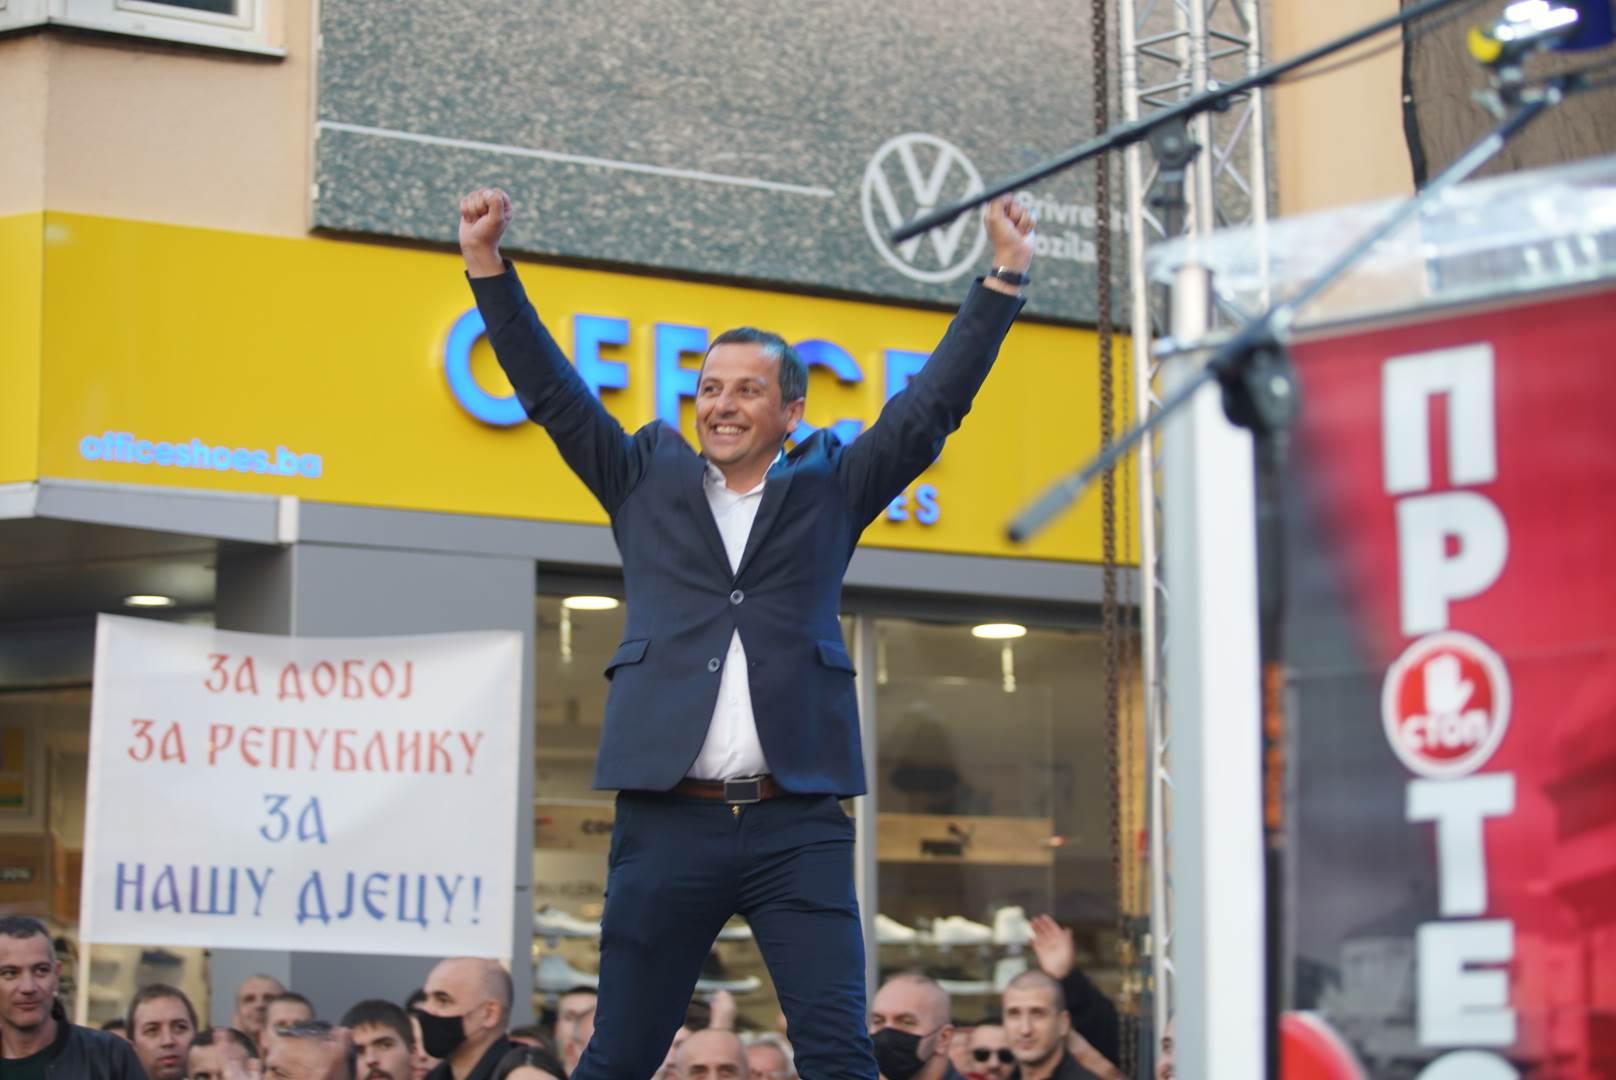 Nebojša Vukanović